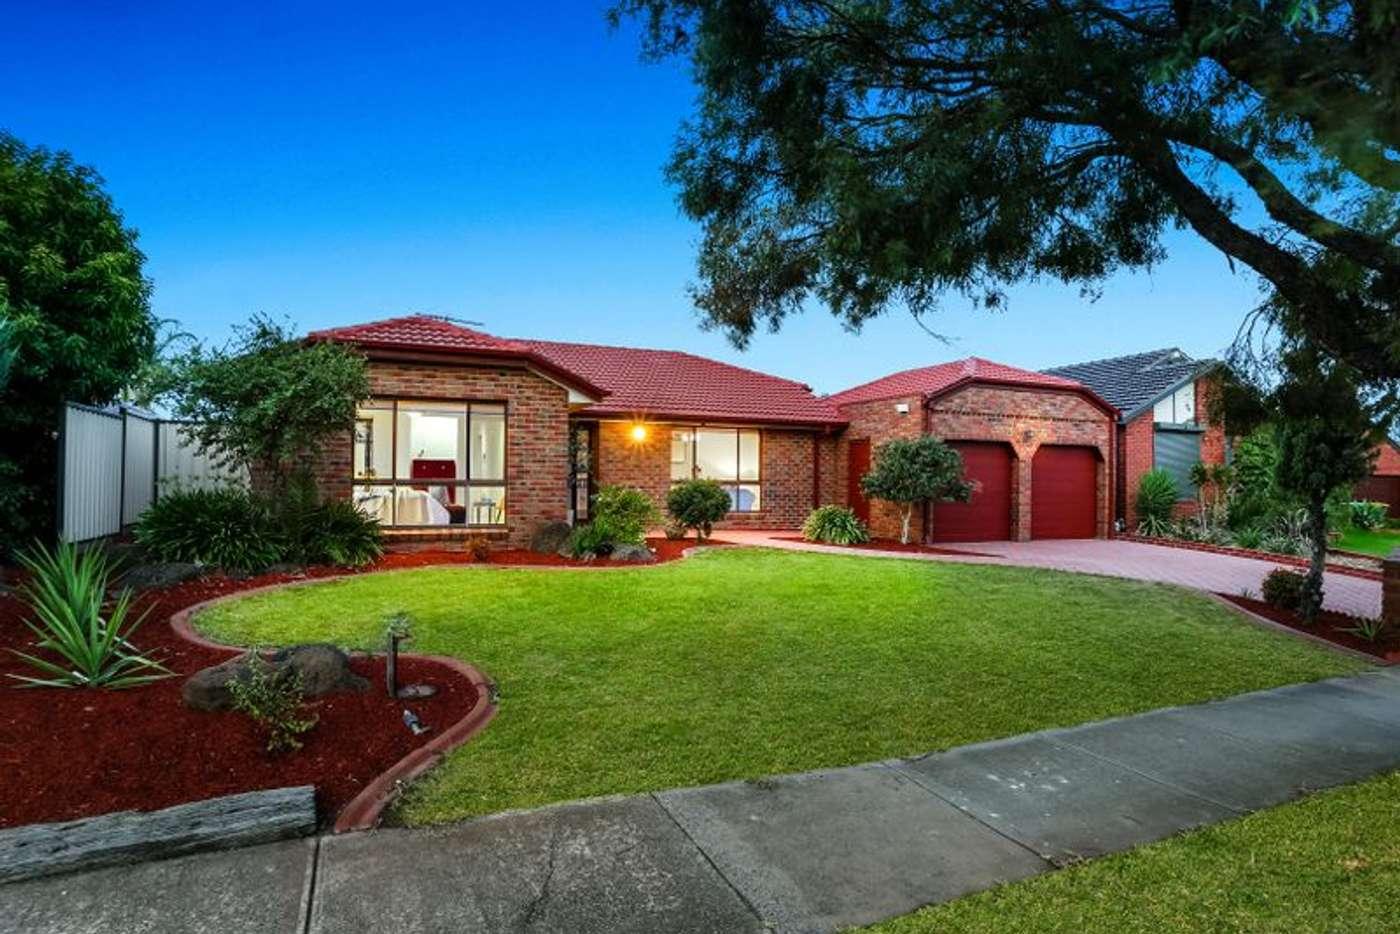 Main view of Homely house listing, 12 Wanaka Drive, Taylors Lakes VIC 3038